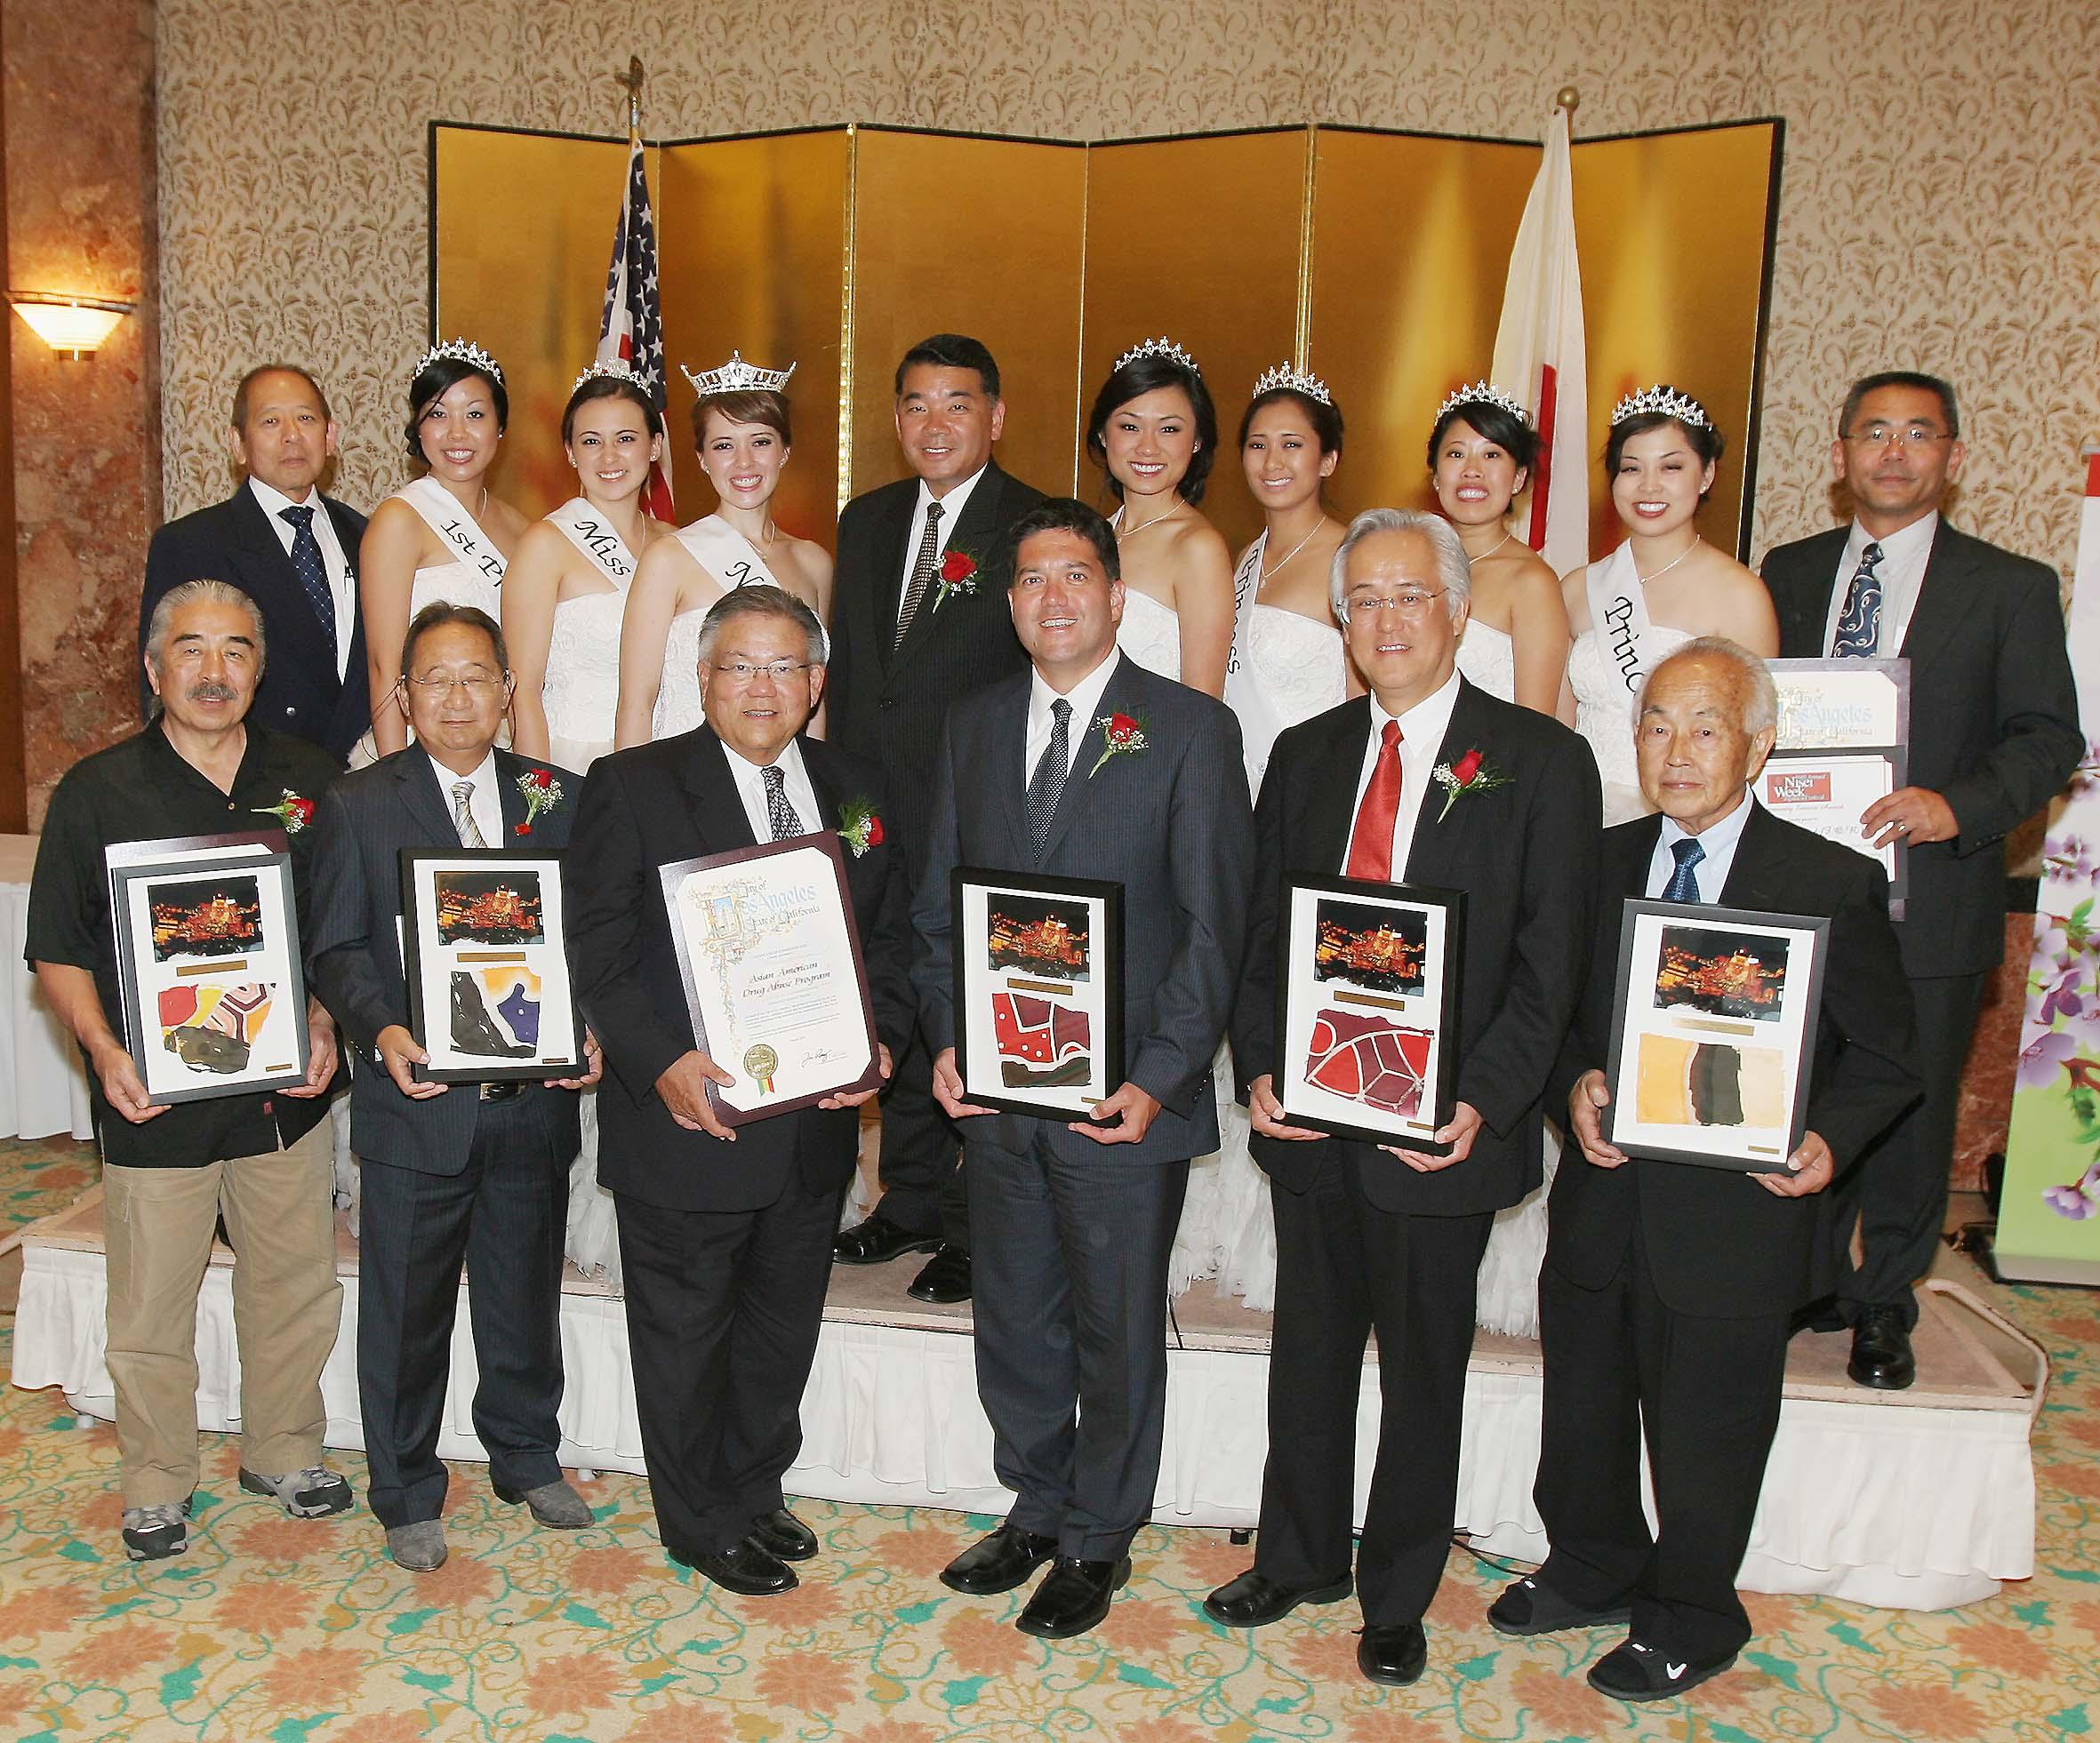 個人、団体の受賞者と二世週女王とコートら。前列右から2人目が田中さん、左隣りがバックリーさん